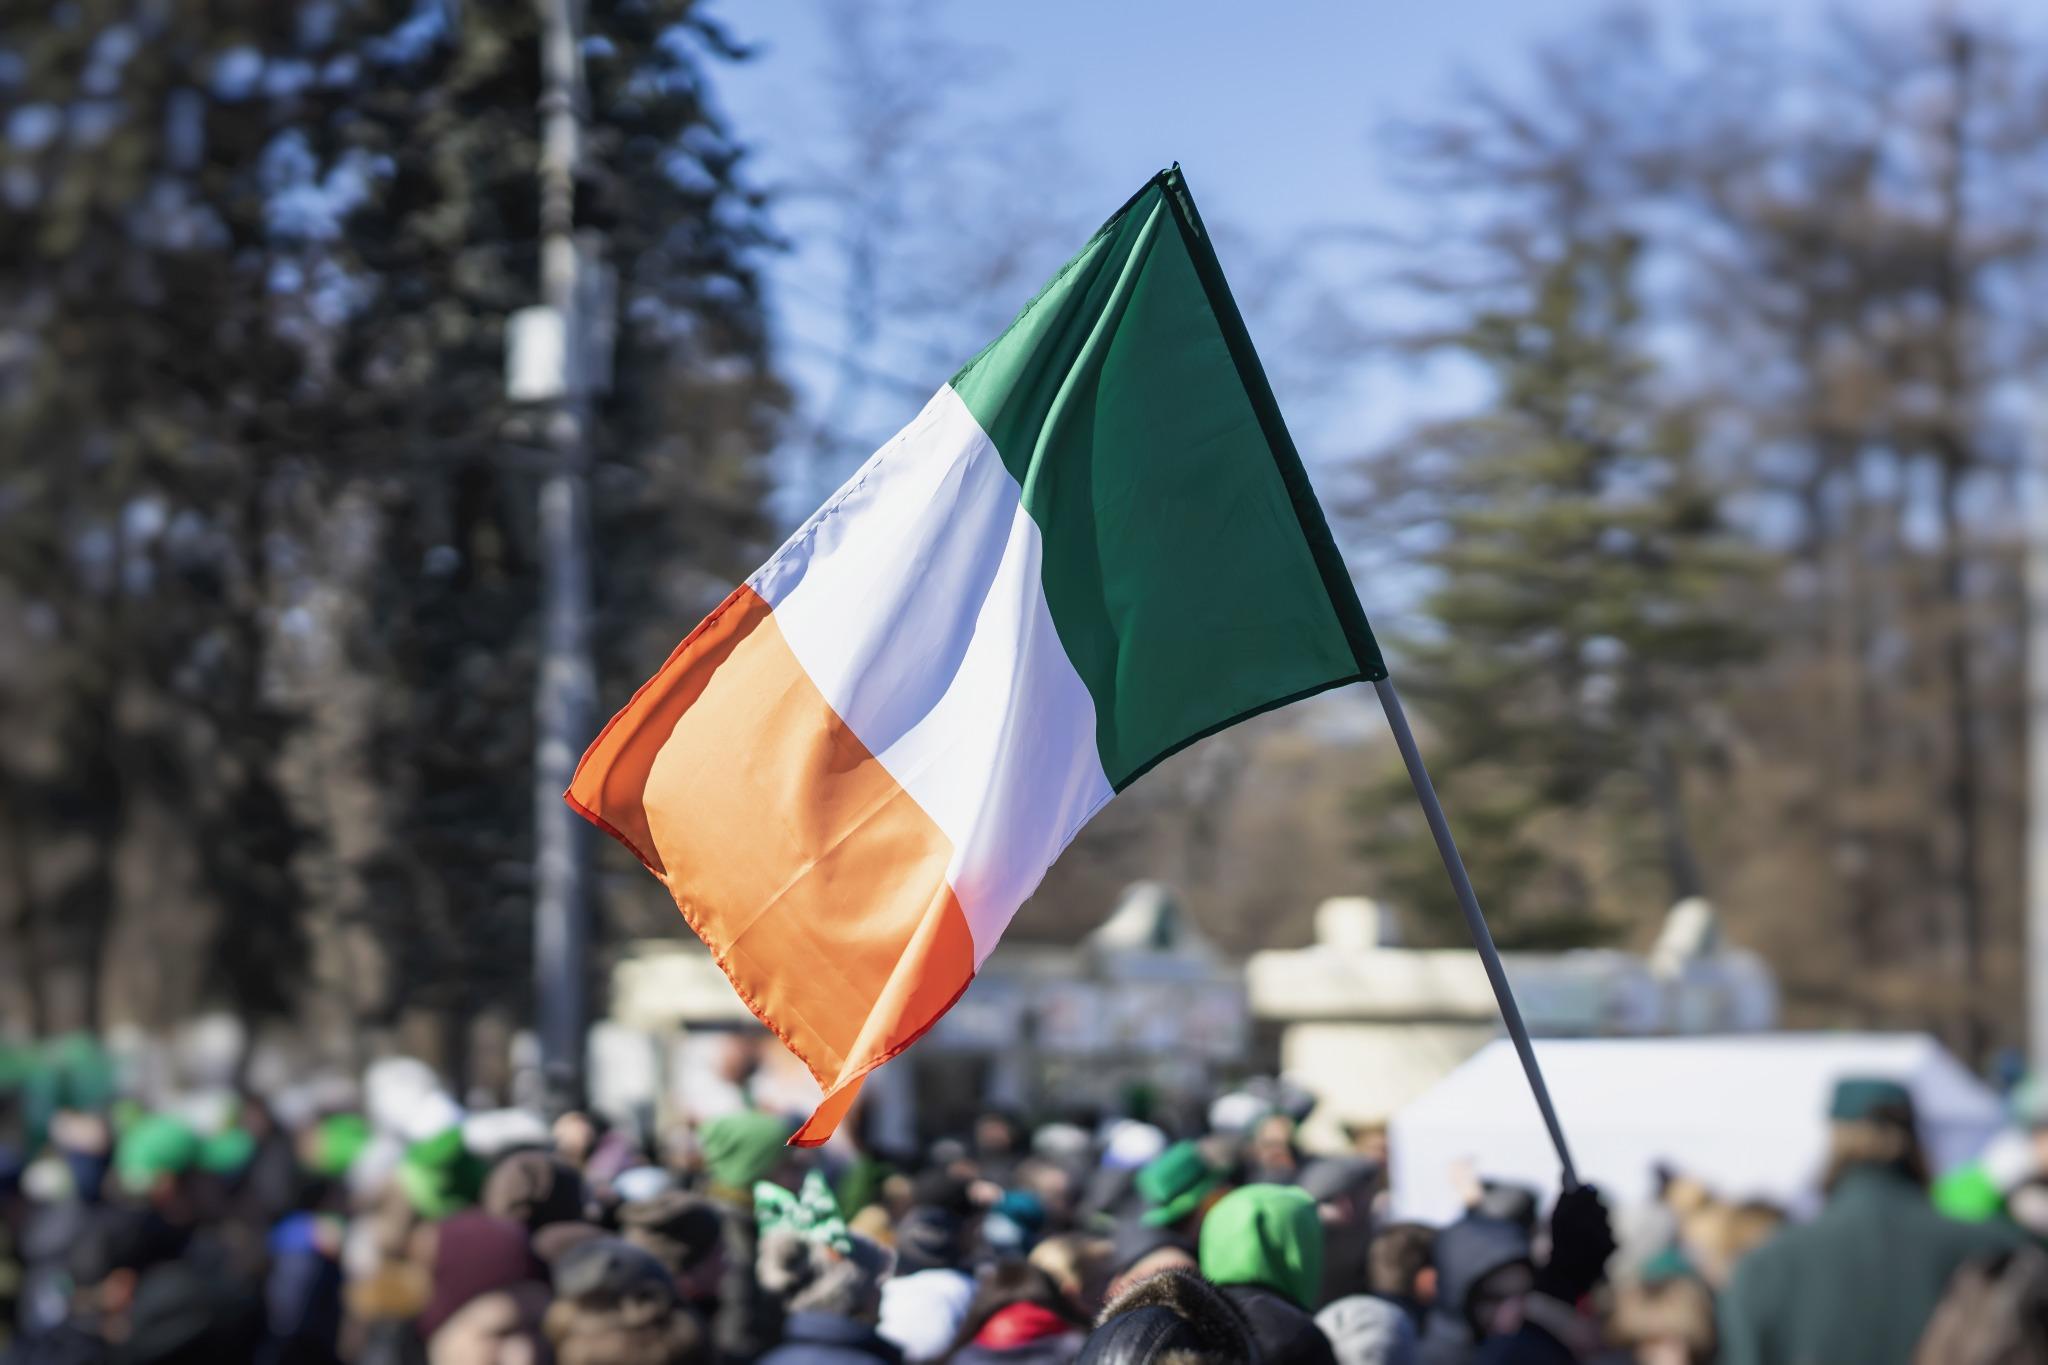 An Irish flag at a St. Patrick's Day parade.